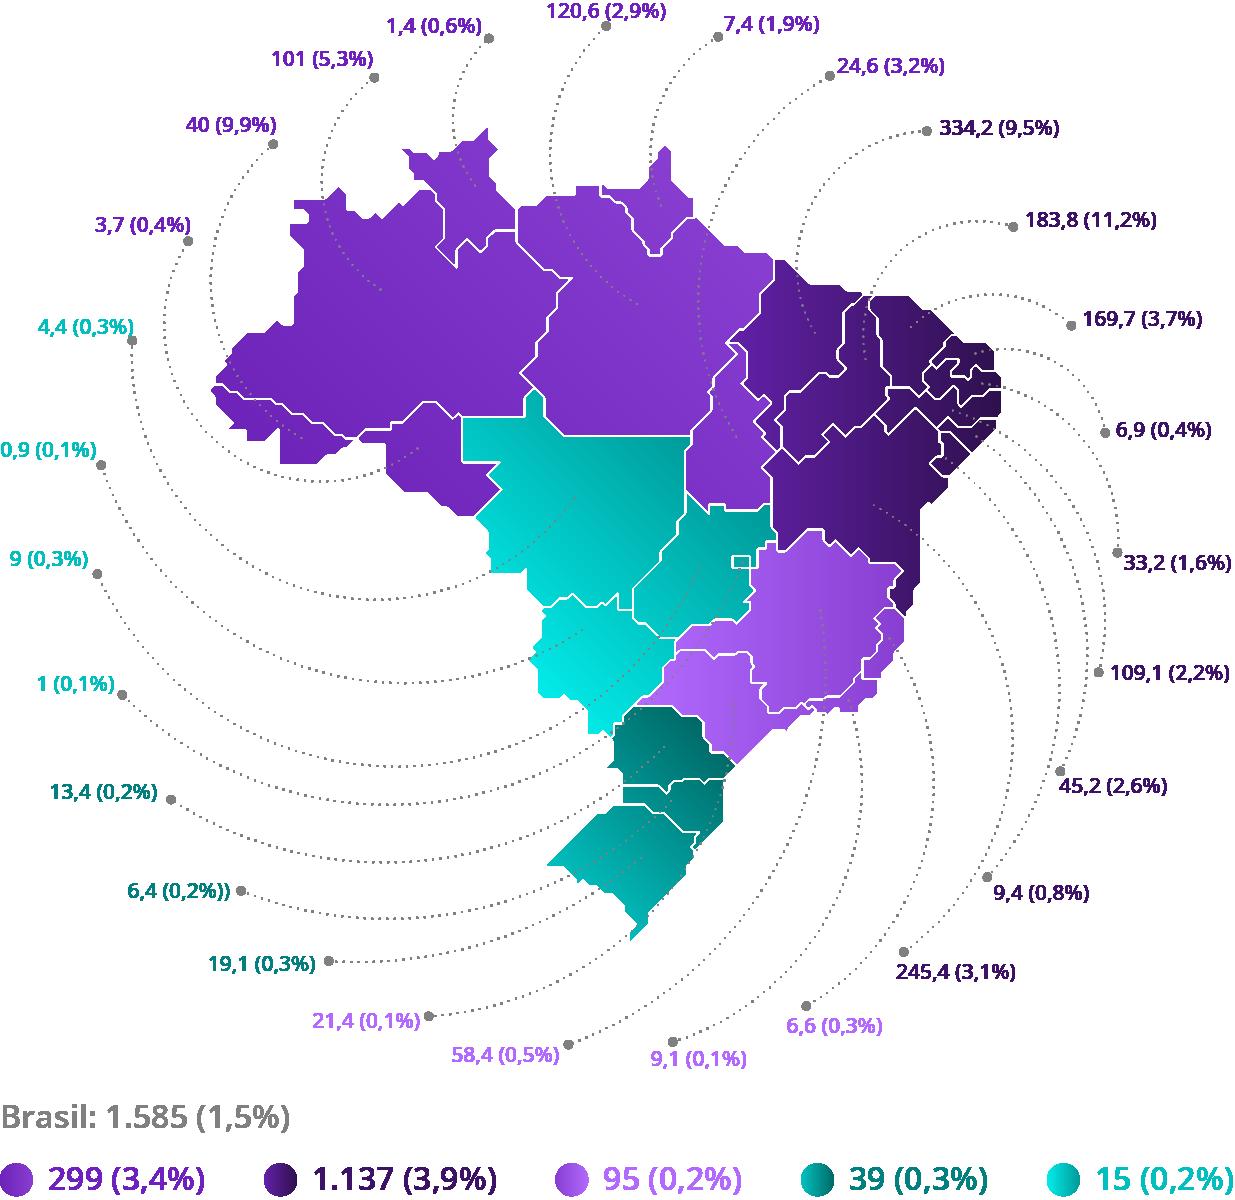 Fonte: IBGE, 2017. Elaboração: Ex Ante Consultoria Econômica. (3)As taxas do Nordeste e do Norte de mulheres sem banheiro de uso exclusivo na moradia se aproximam das médias verificadas em países latino-americanos de menor desenvolvimento como Panamá e Honduras. O estudo do Instituto Trata Brasil (2017) apresentou indicadores internacionais de acesso ao saneamento.